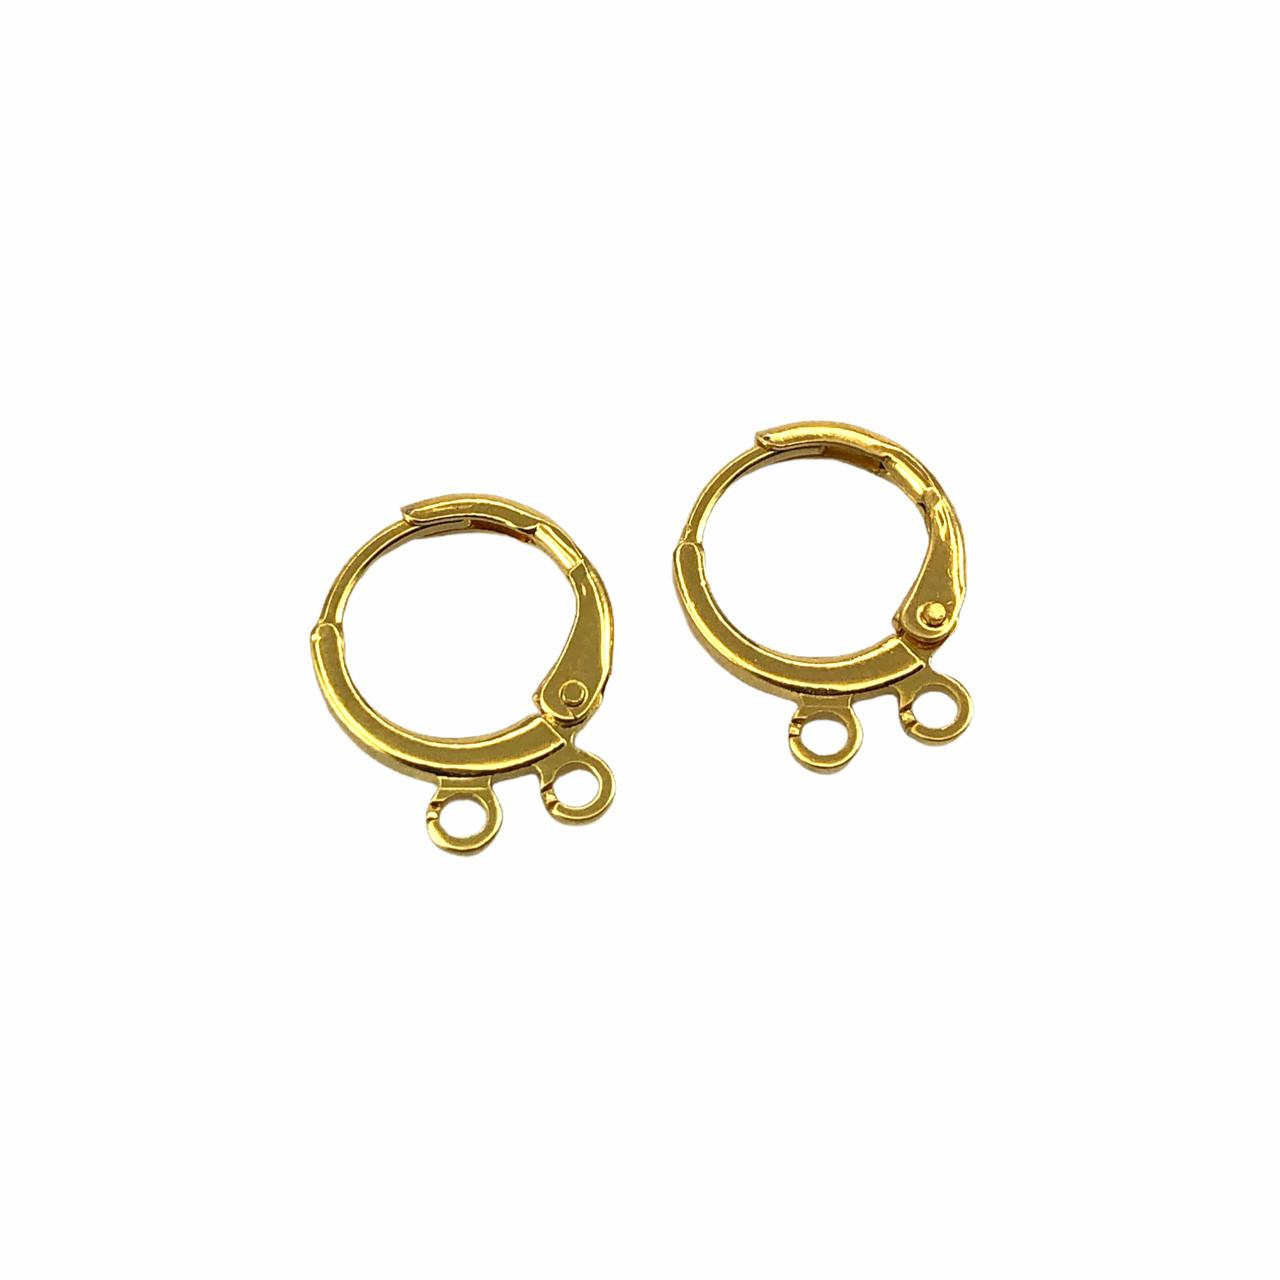 BP1649 - Argolinha 2 Saídas Banhado Cor Dourado - 01Par